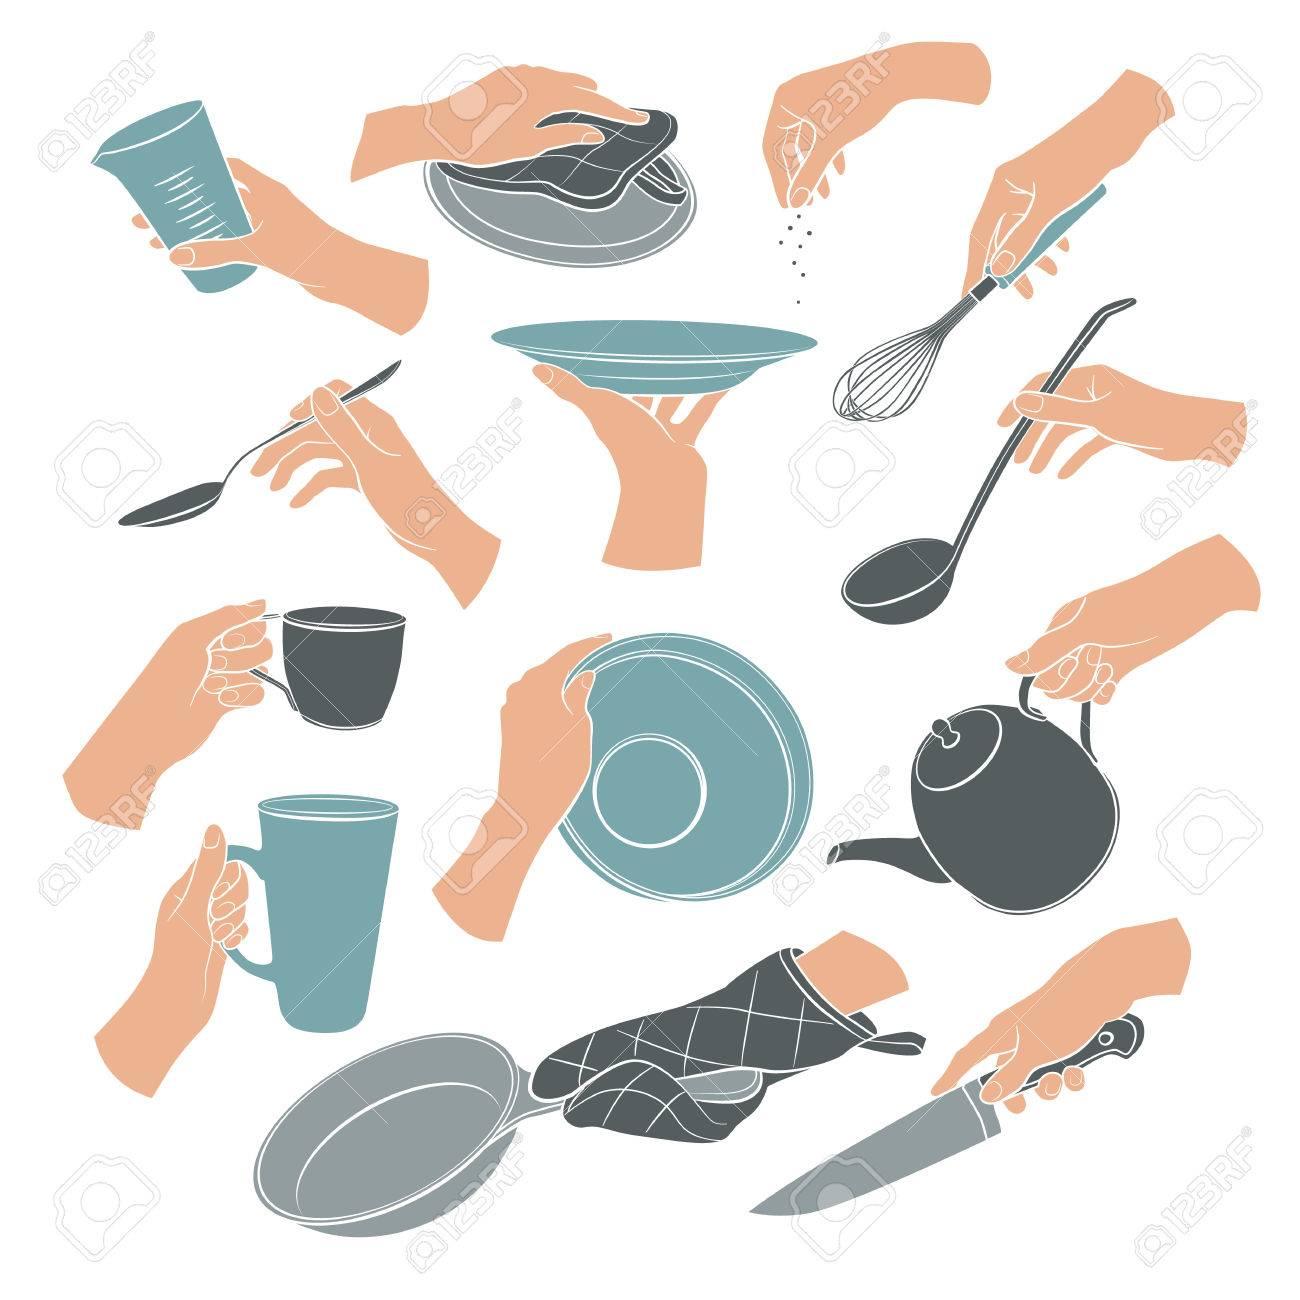 Mani Di Cucina In Stile Piatto Isolato Su Sfondo Bianco. La Donna ...